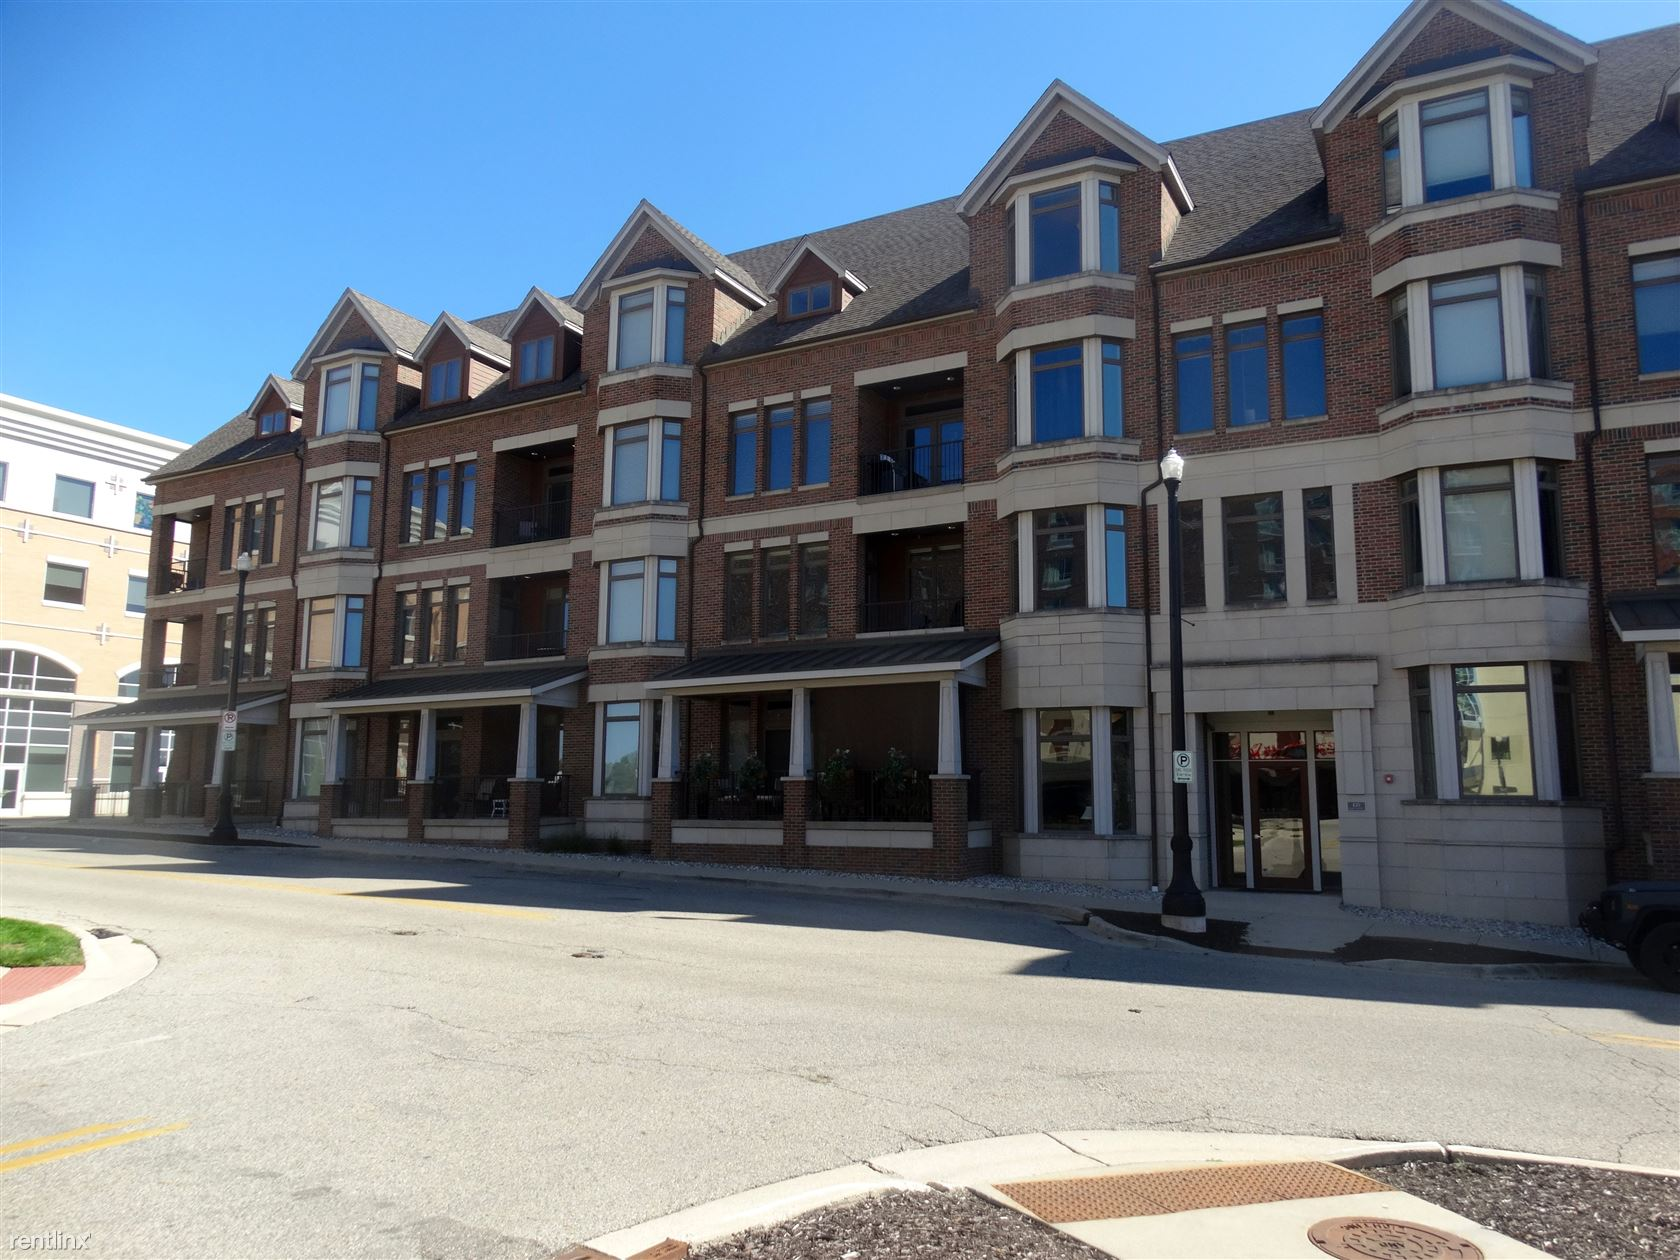 430 Union Ave NE Apt 303, Grand Rapids, MI - $3,800